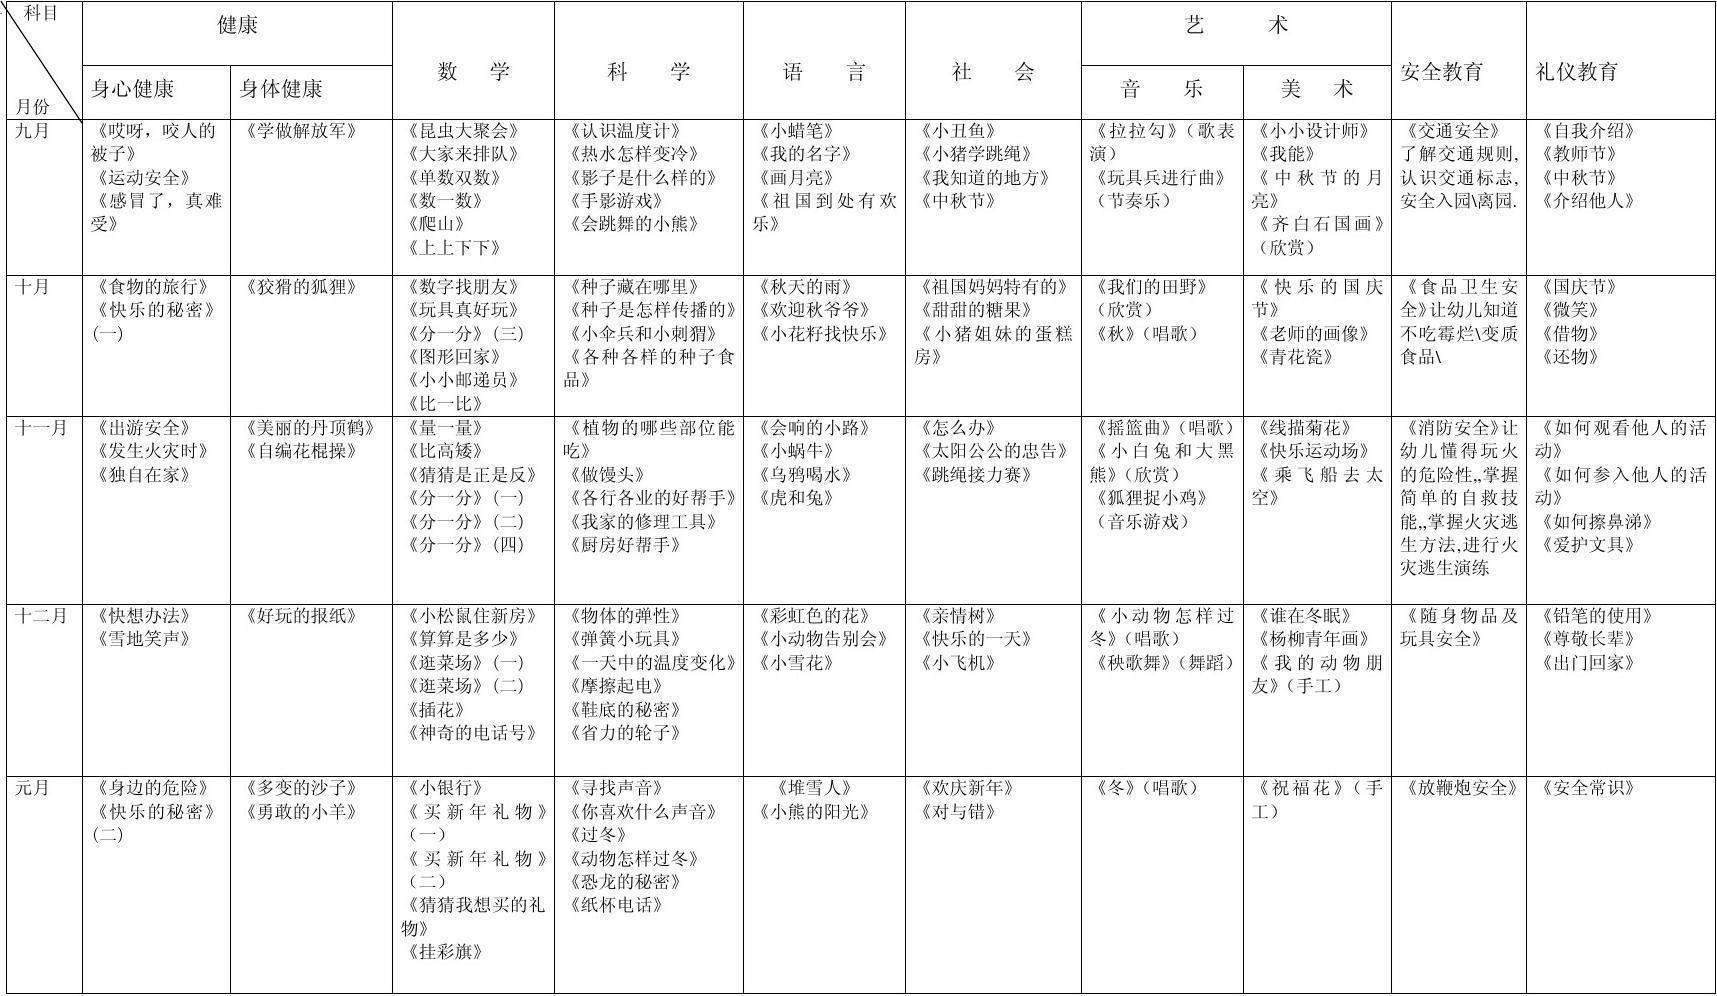 幼儿园中班月计划表_大班月教学计划_word文档在线阅读与下载_无忧文档